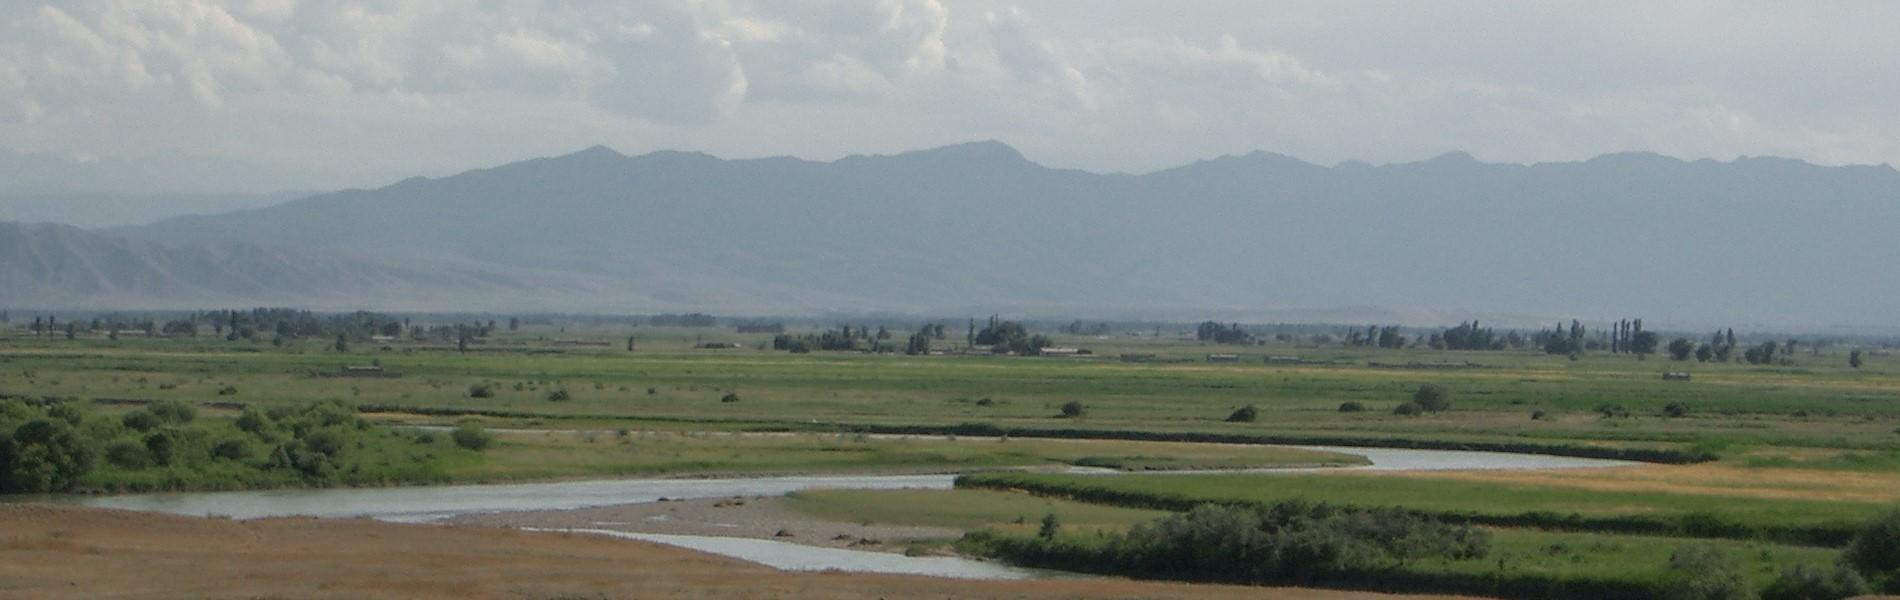 イリ河流域